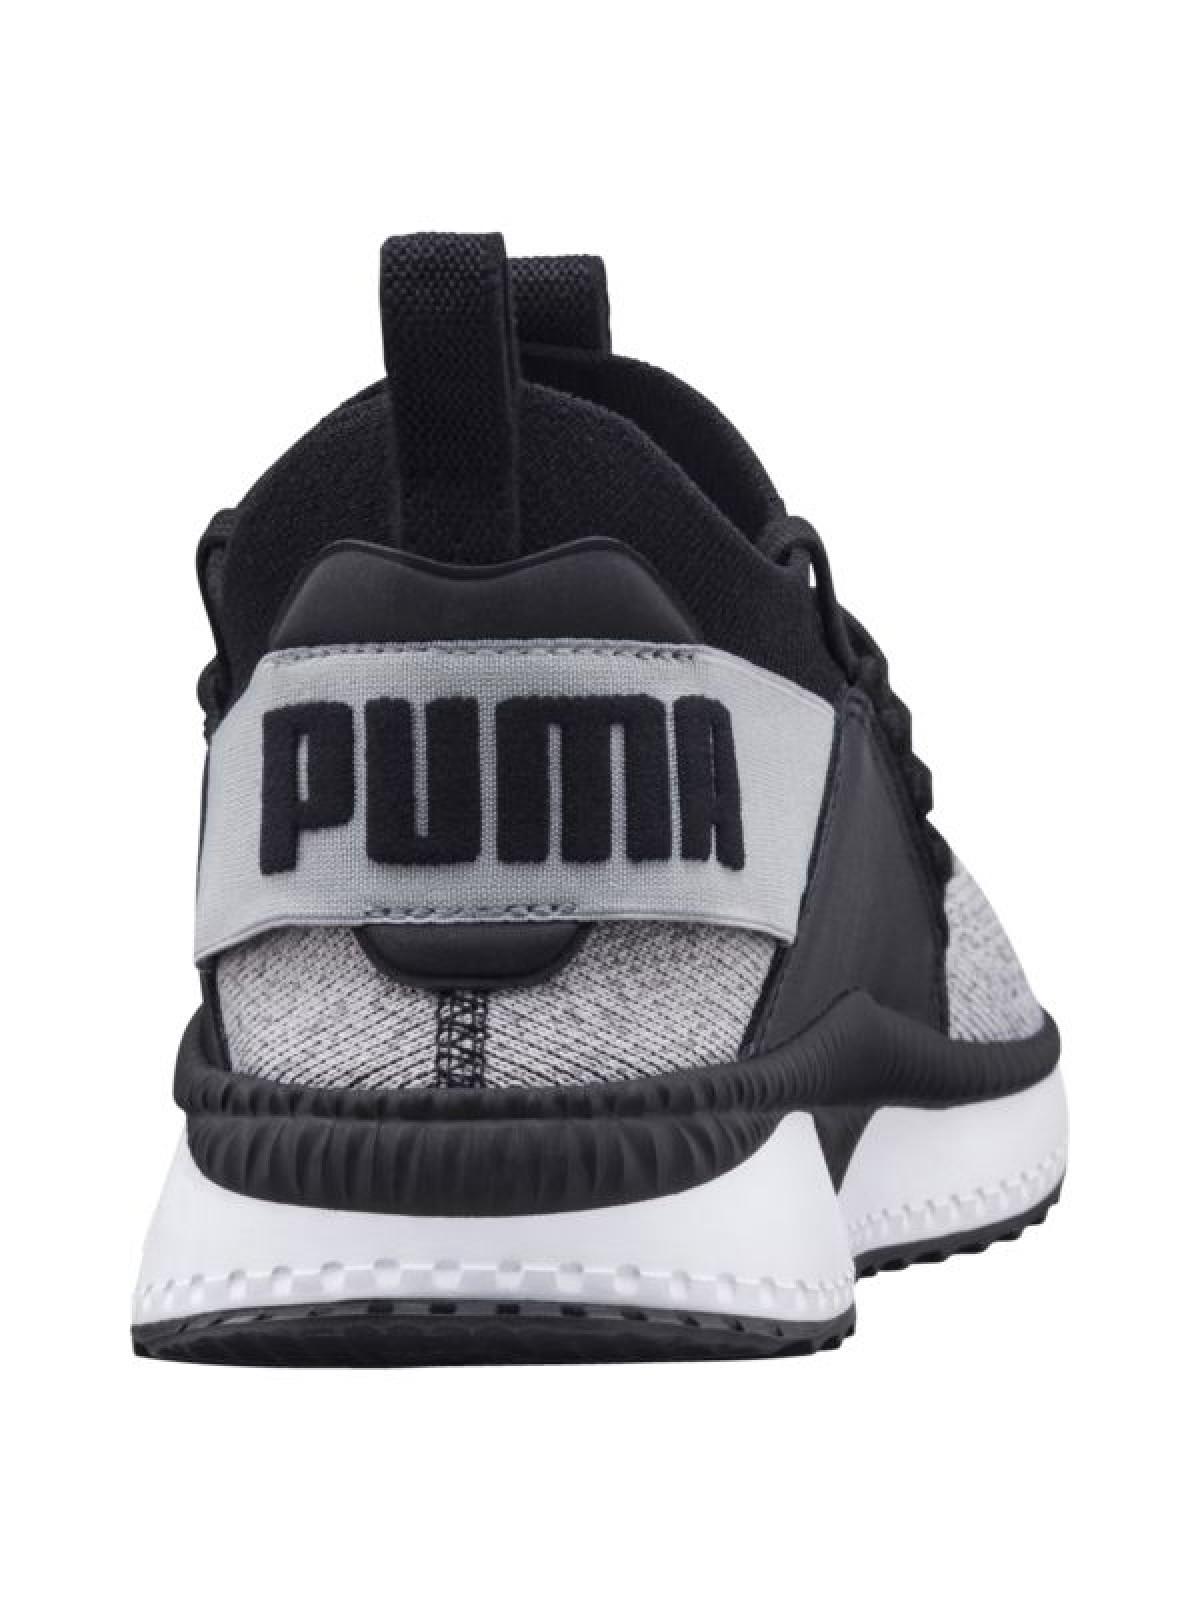 Puma Tsugi Shin noir / gris